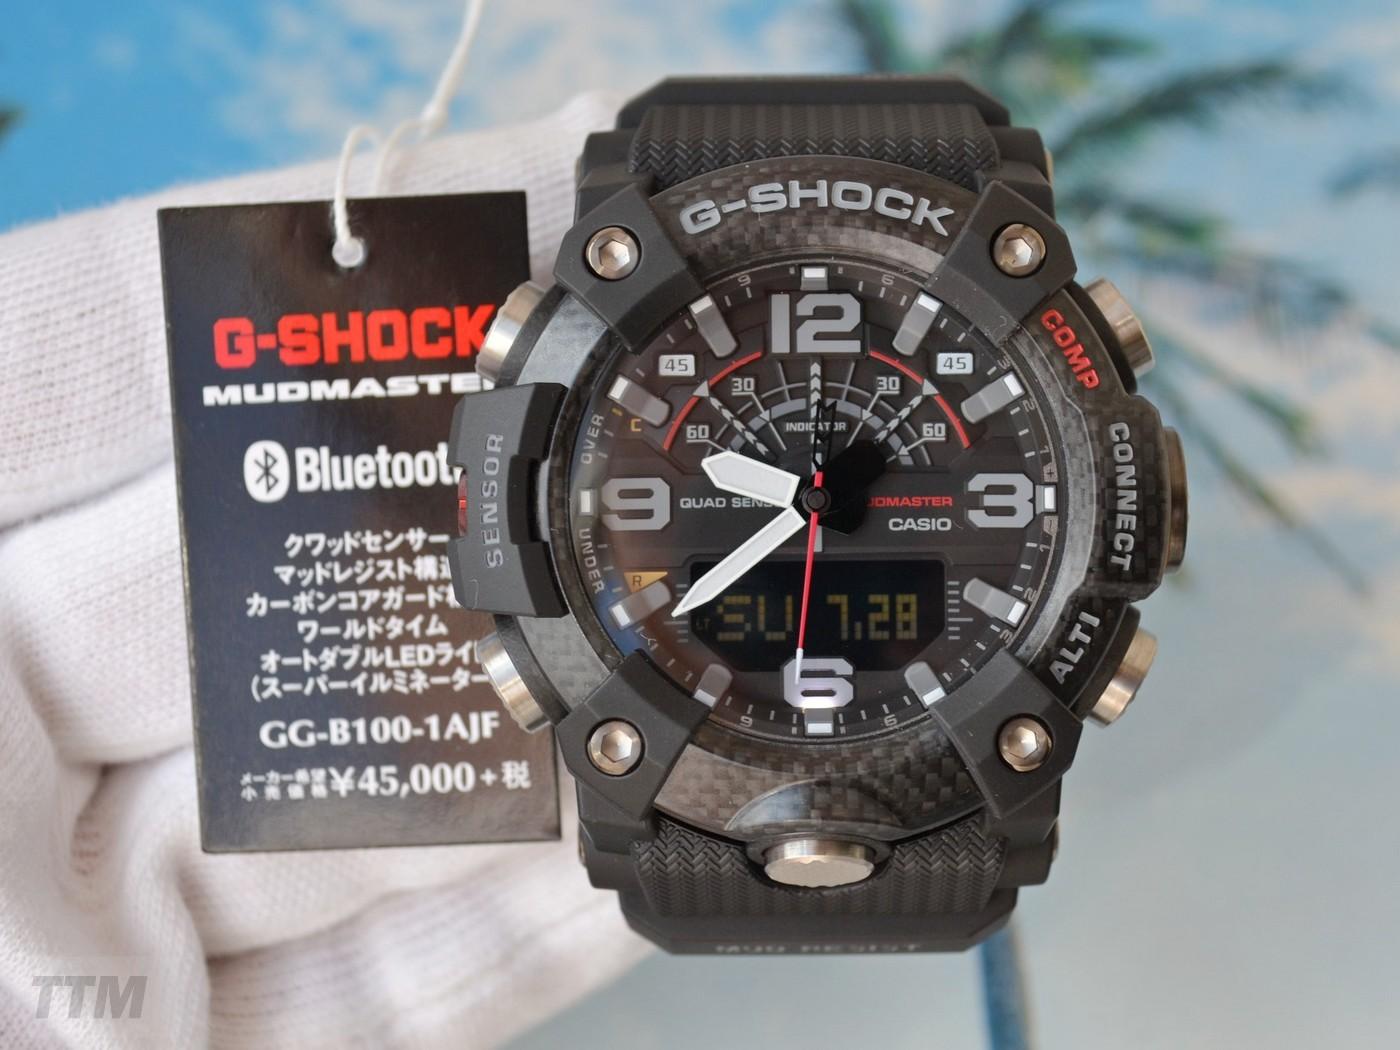 GG-B100-1AJF_03